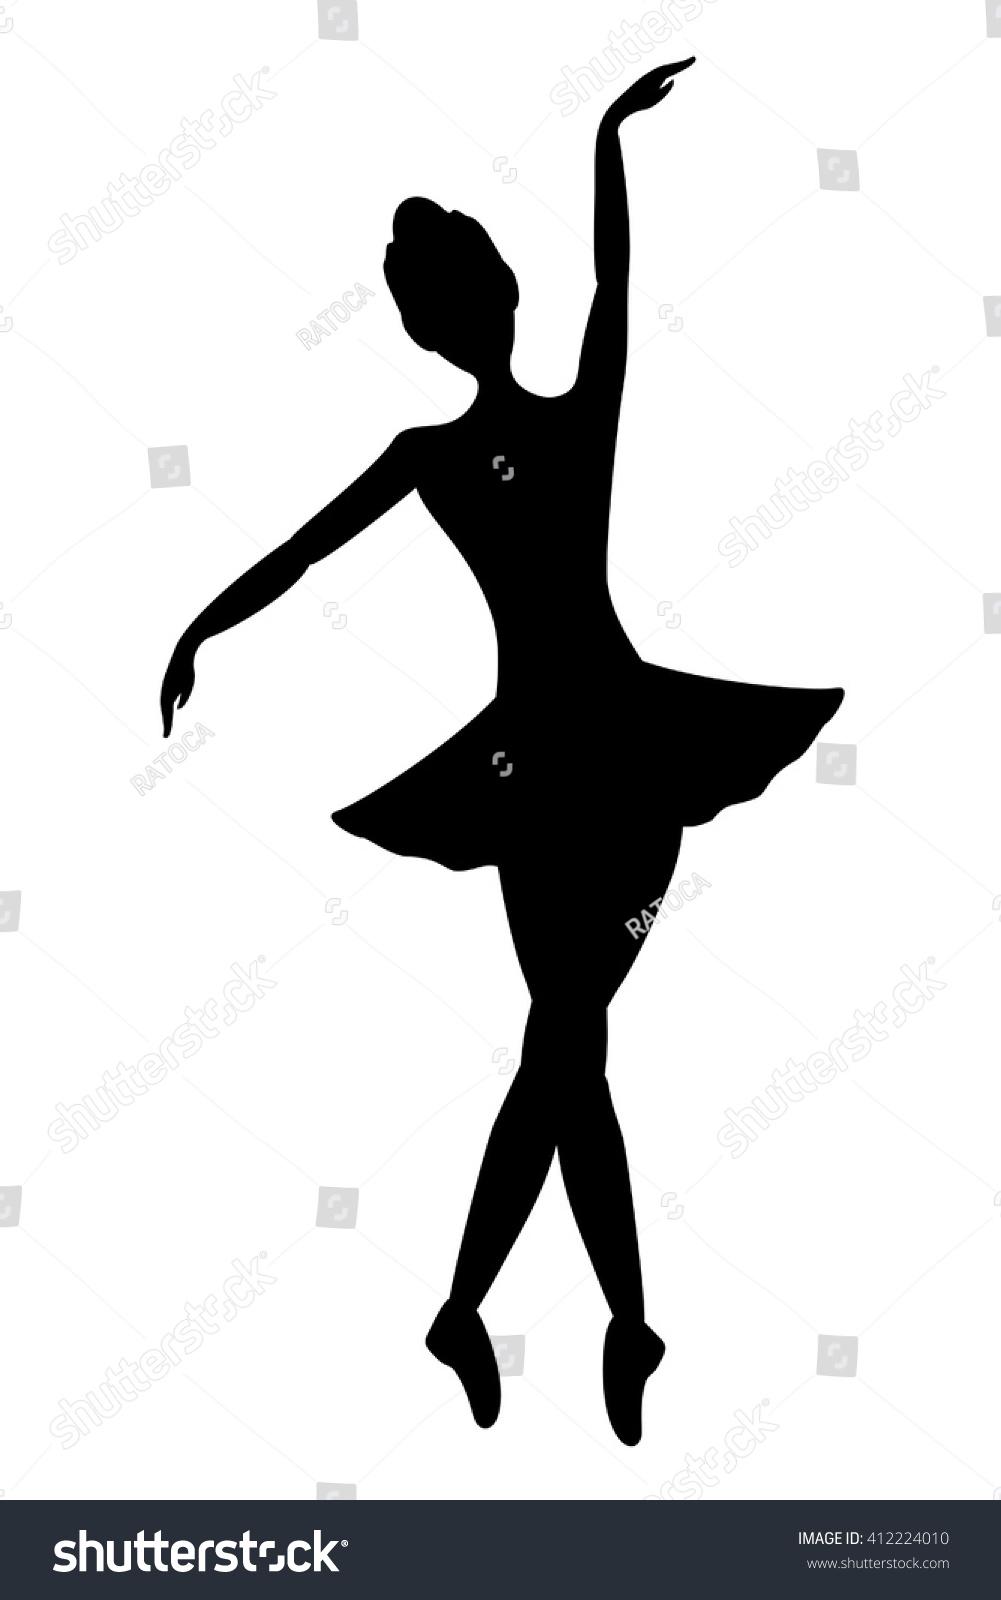 dancer girl symbol stock vector 412224010 shutterstock